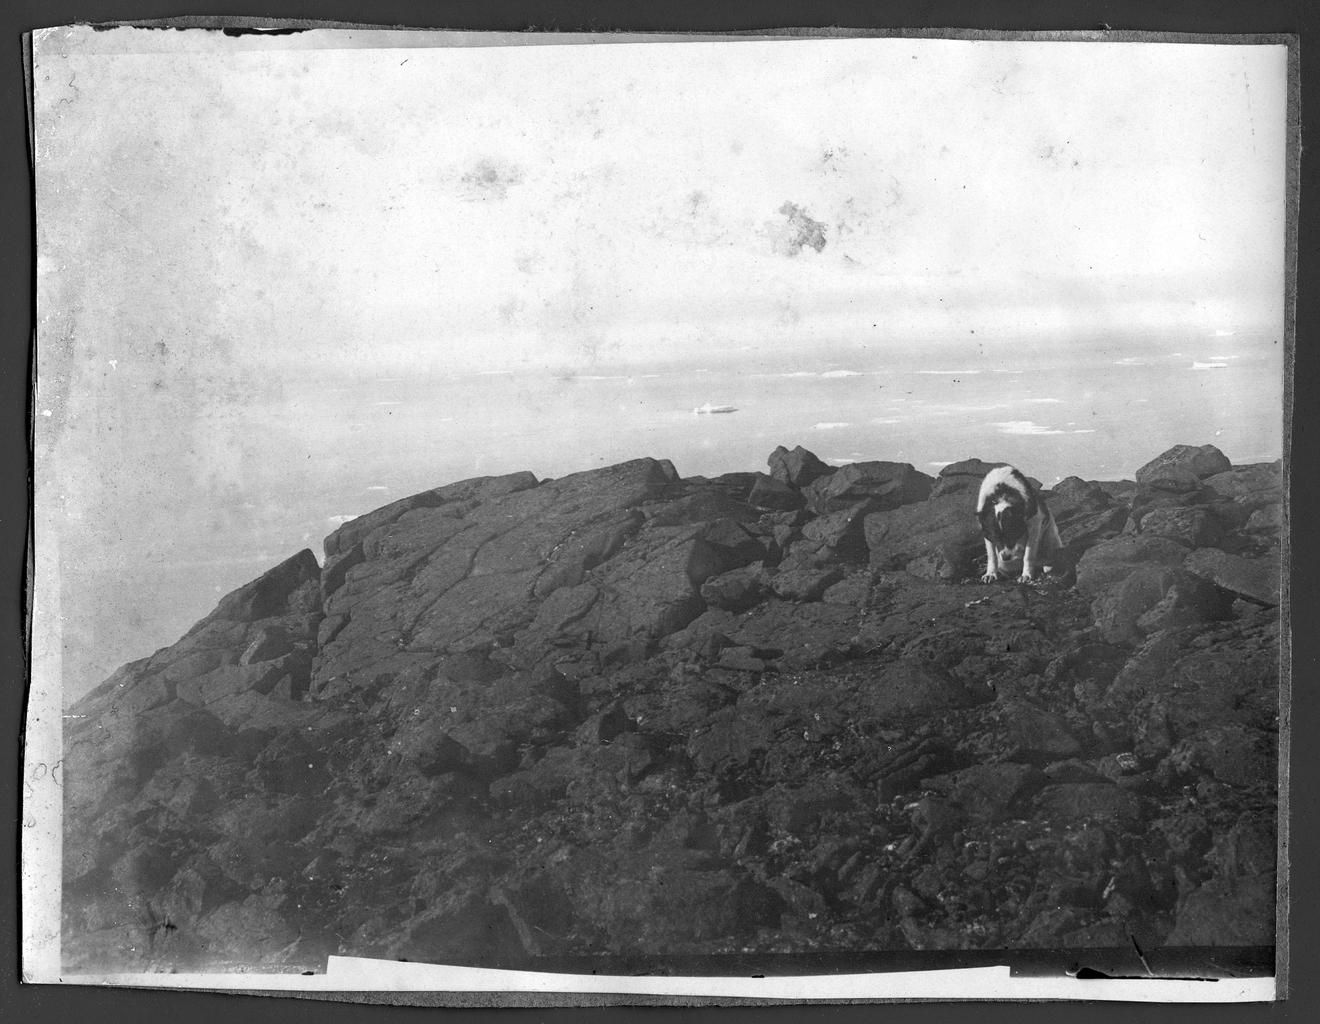 Собака на скале на фоне моря